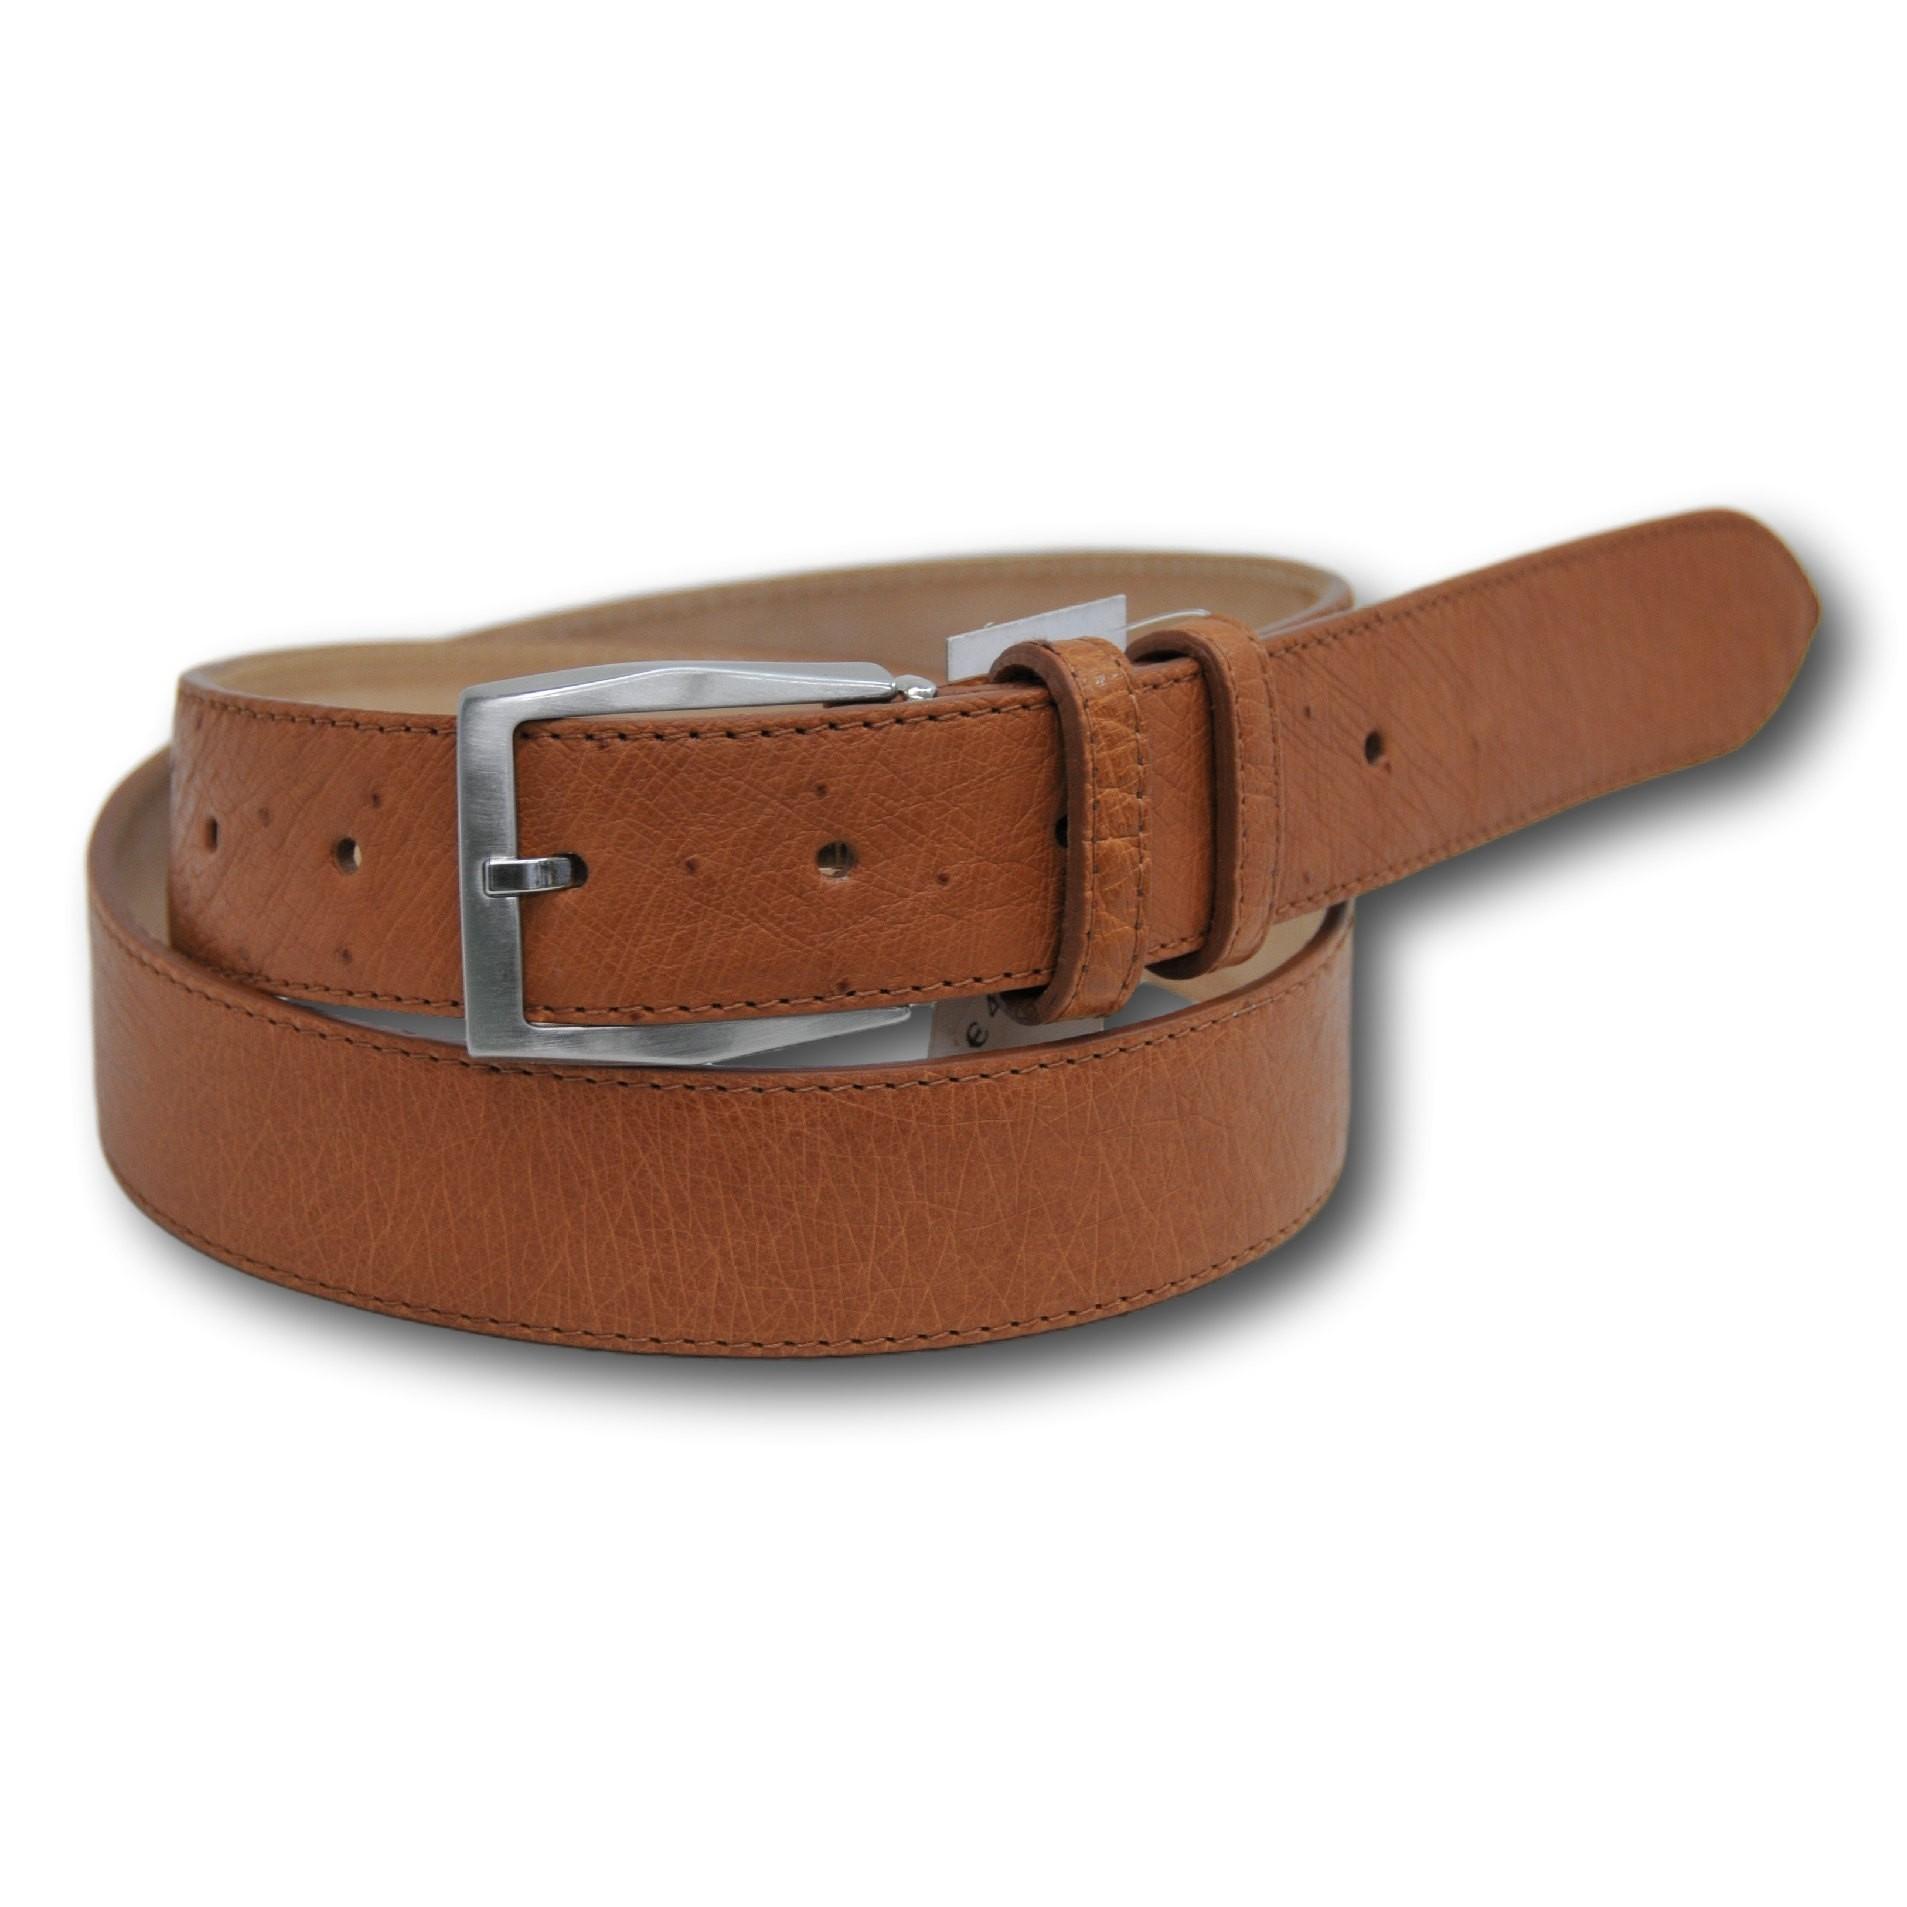 Cintura in vera pelle di struzzo